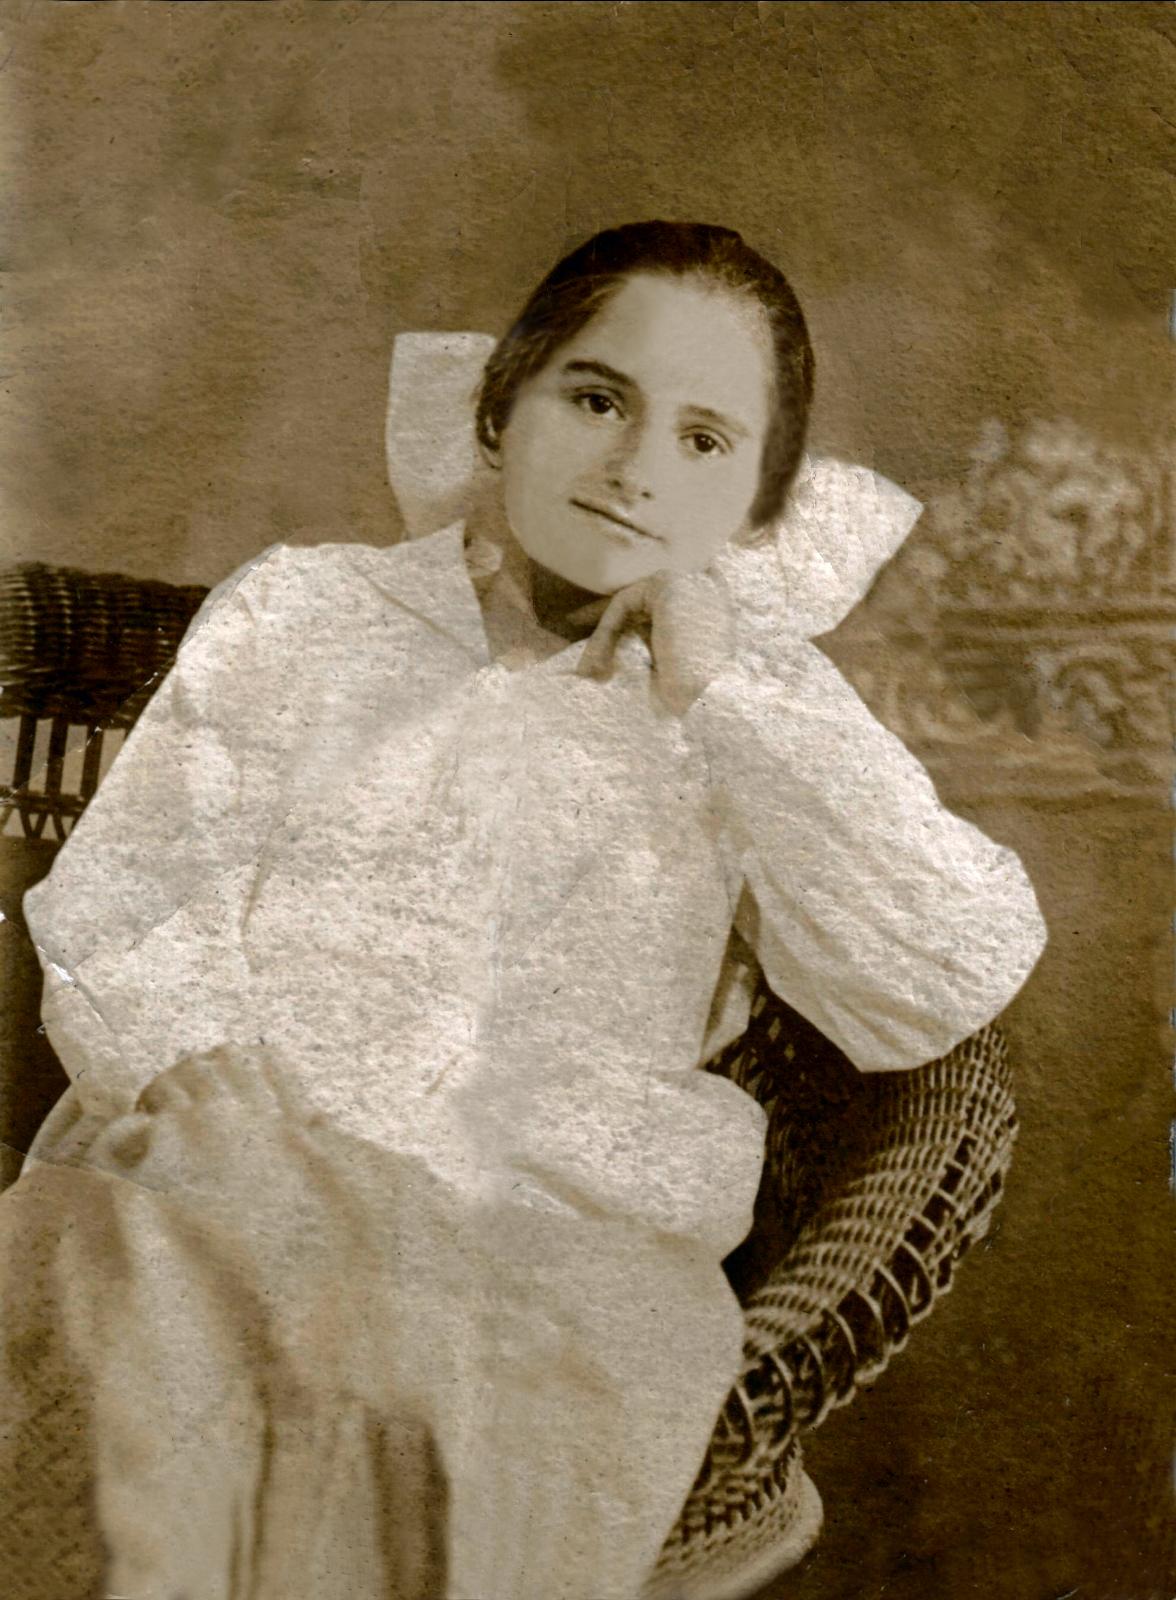 Marie Fleischer 14 years old